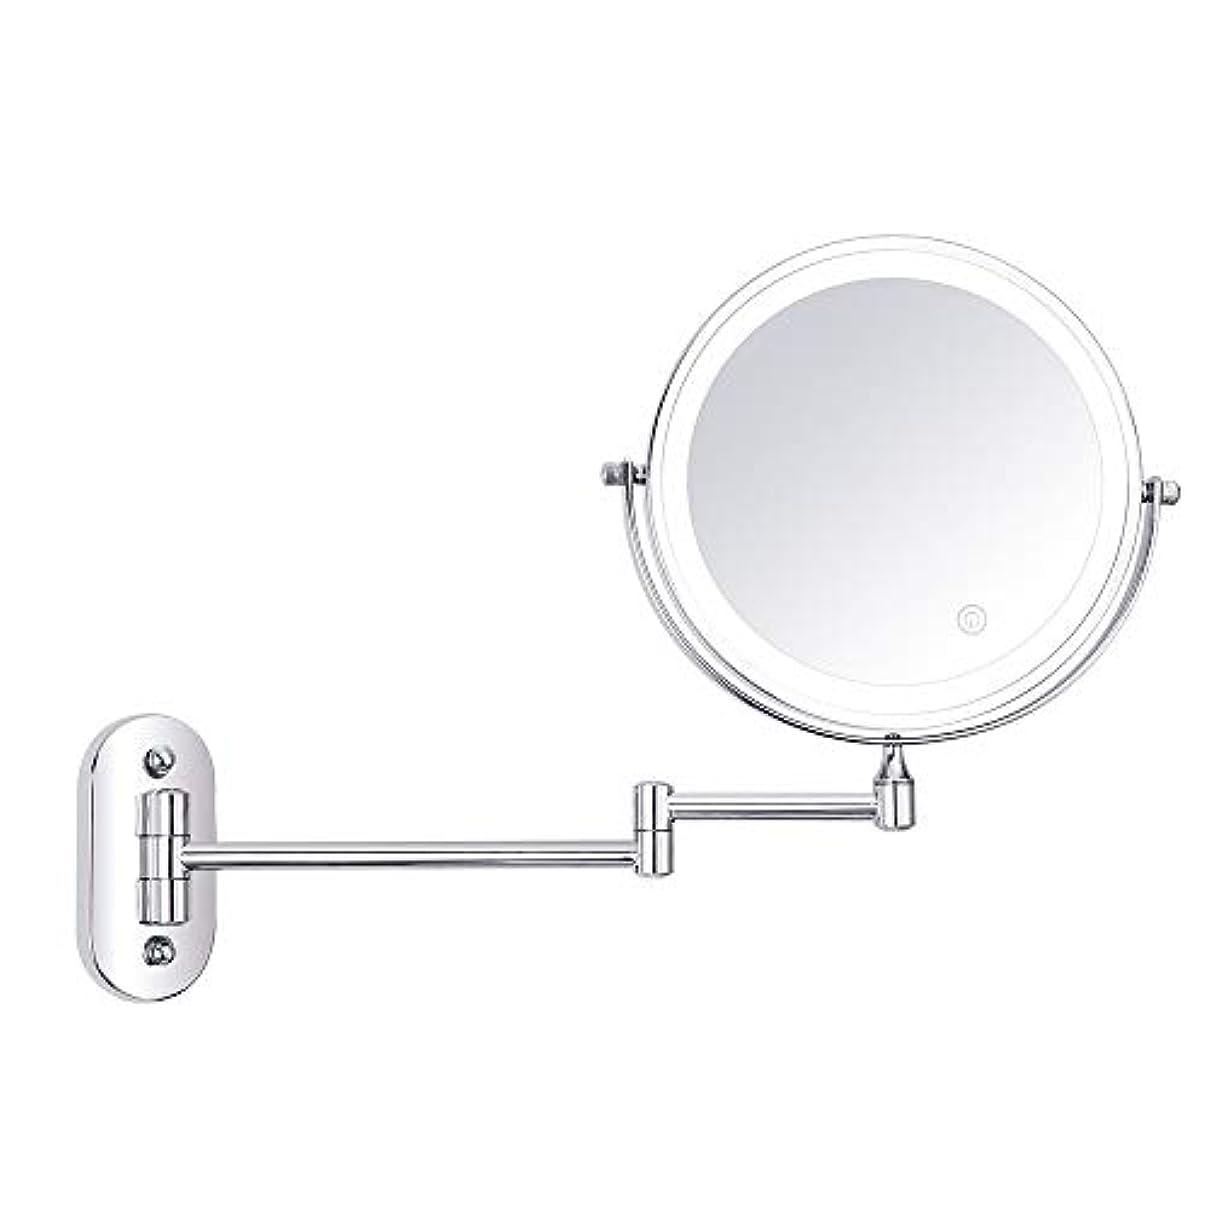 ふざけた胸廃棄化粧鏡 LED照明壁掛け化粧鏡3倍/ 5倍/ 7倍/ 10倍倍率8インチ両面回転タッチスクリーンバニティミラー拡張可能 浴室のシャワー旅行 (色 : 銀, サイズ : 10X)